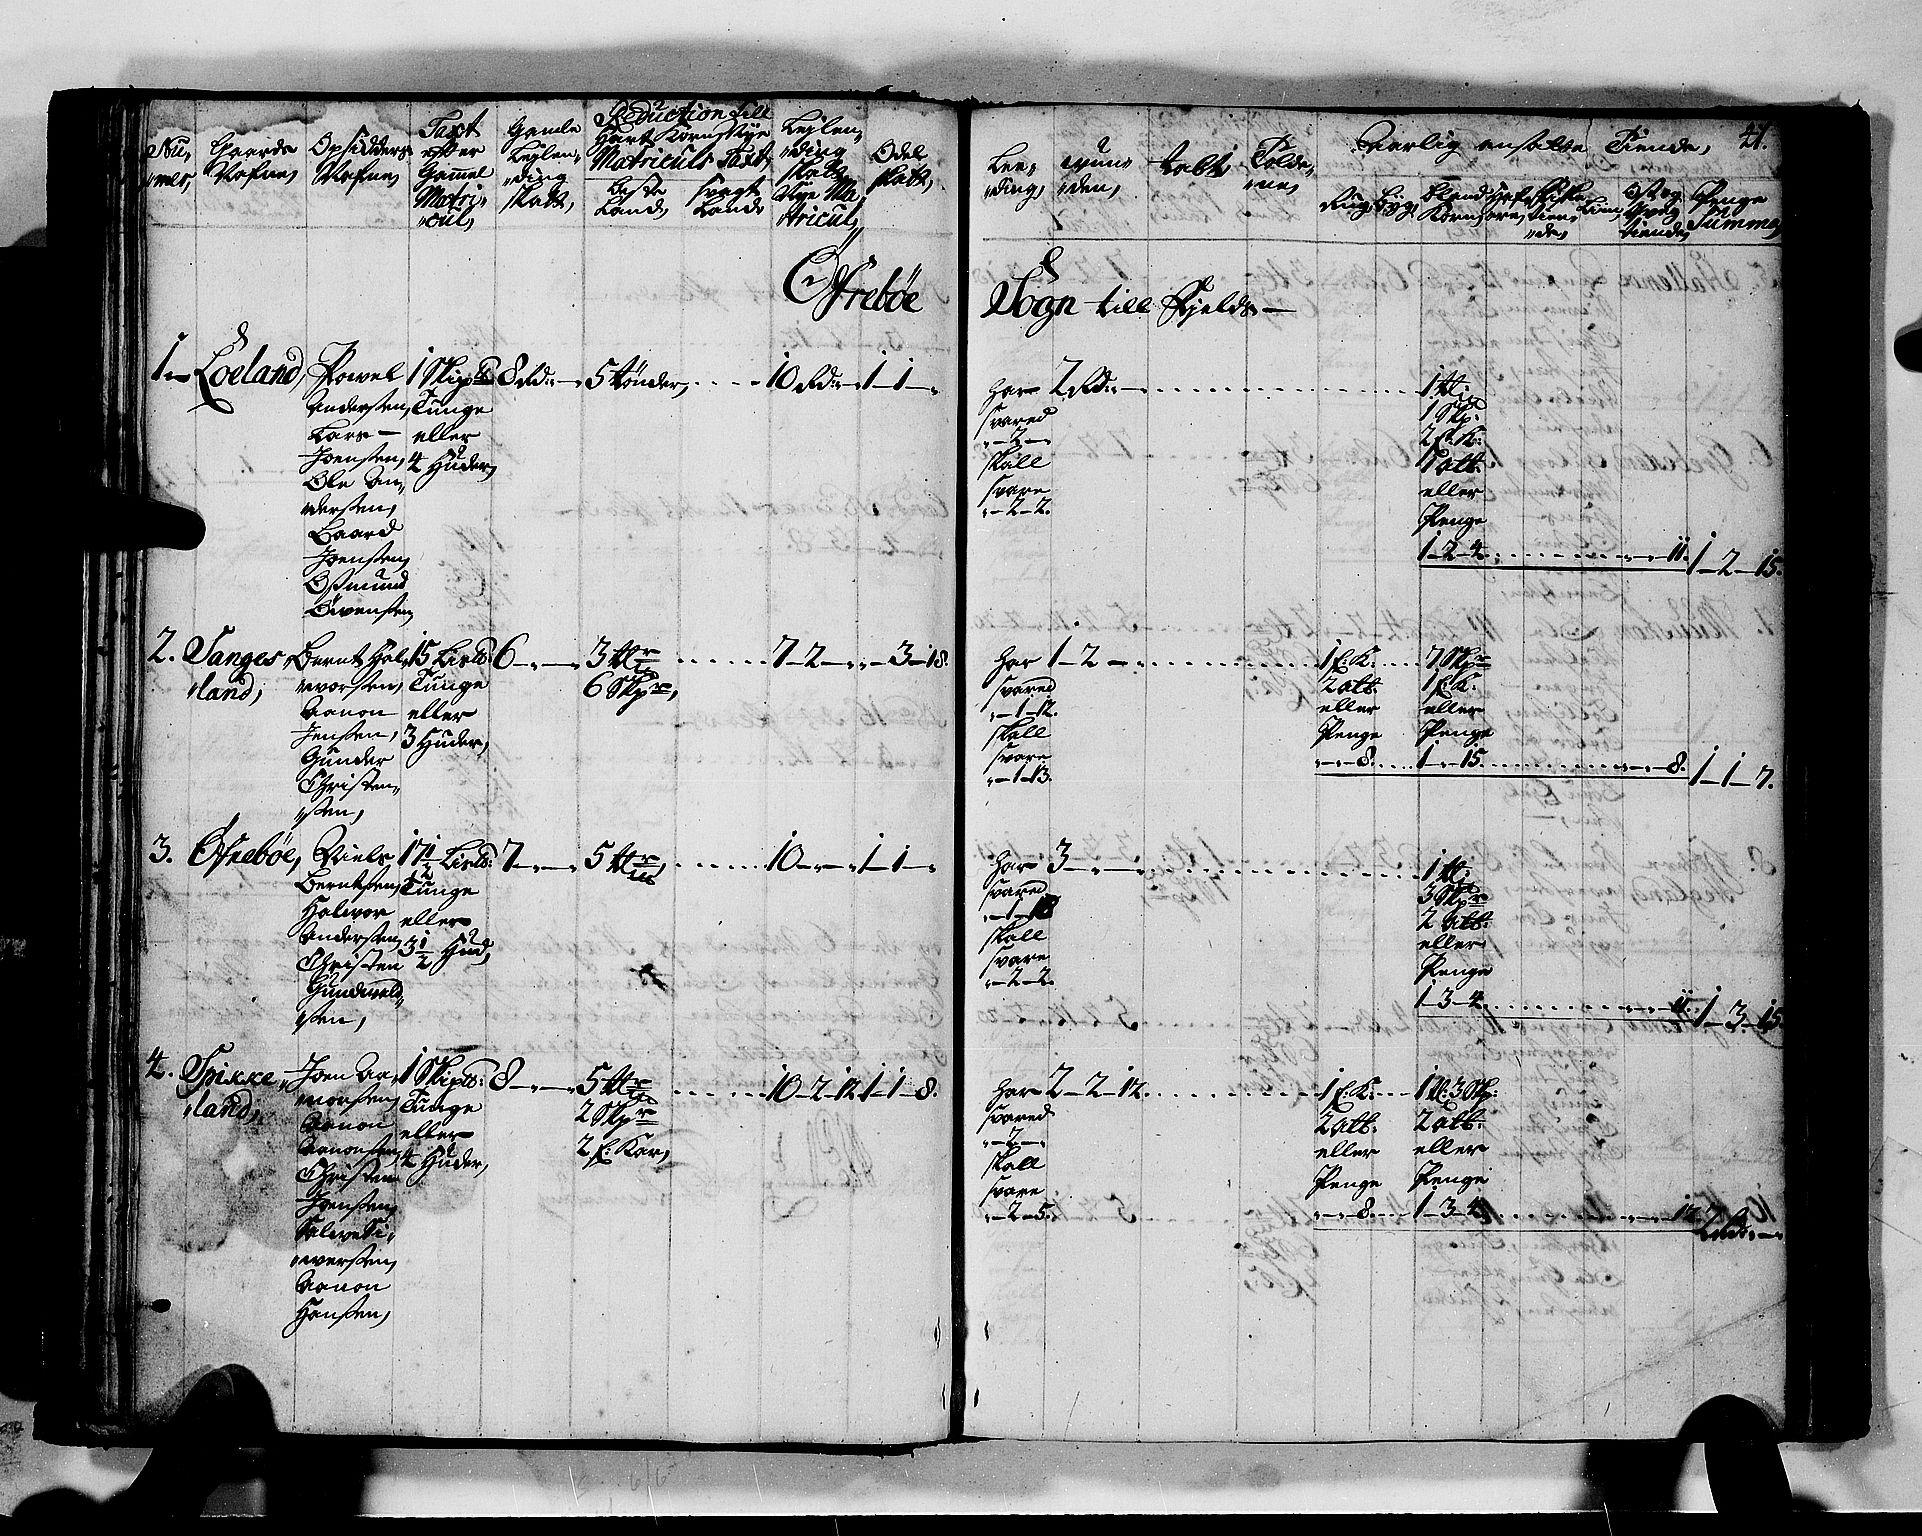 RA, Rentekammeret inntil 1814, Realistisk ordnet avdeling, N/Nb/Nbf/L0128: Mandal matrikkelprotokoll, 1723, s. 40b-41a